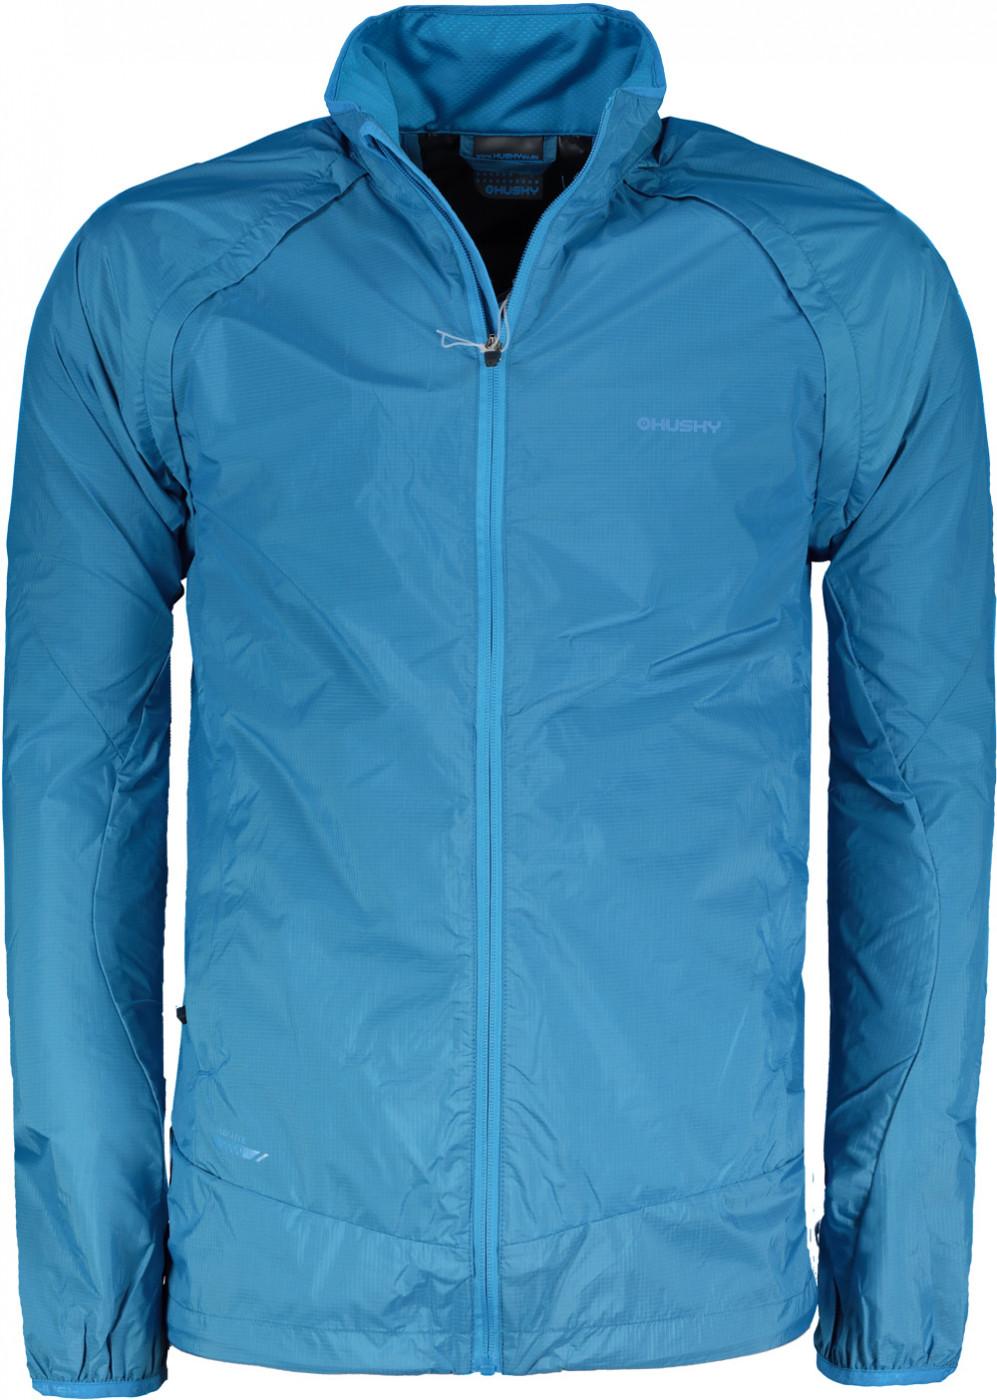 Men's Outdoor jacket HUSKY NOLEN M